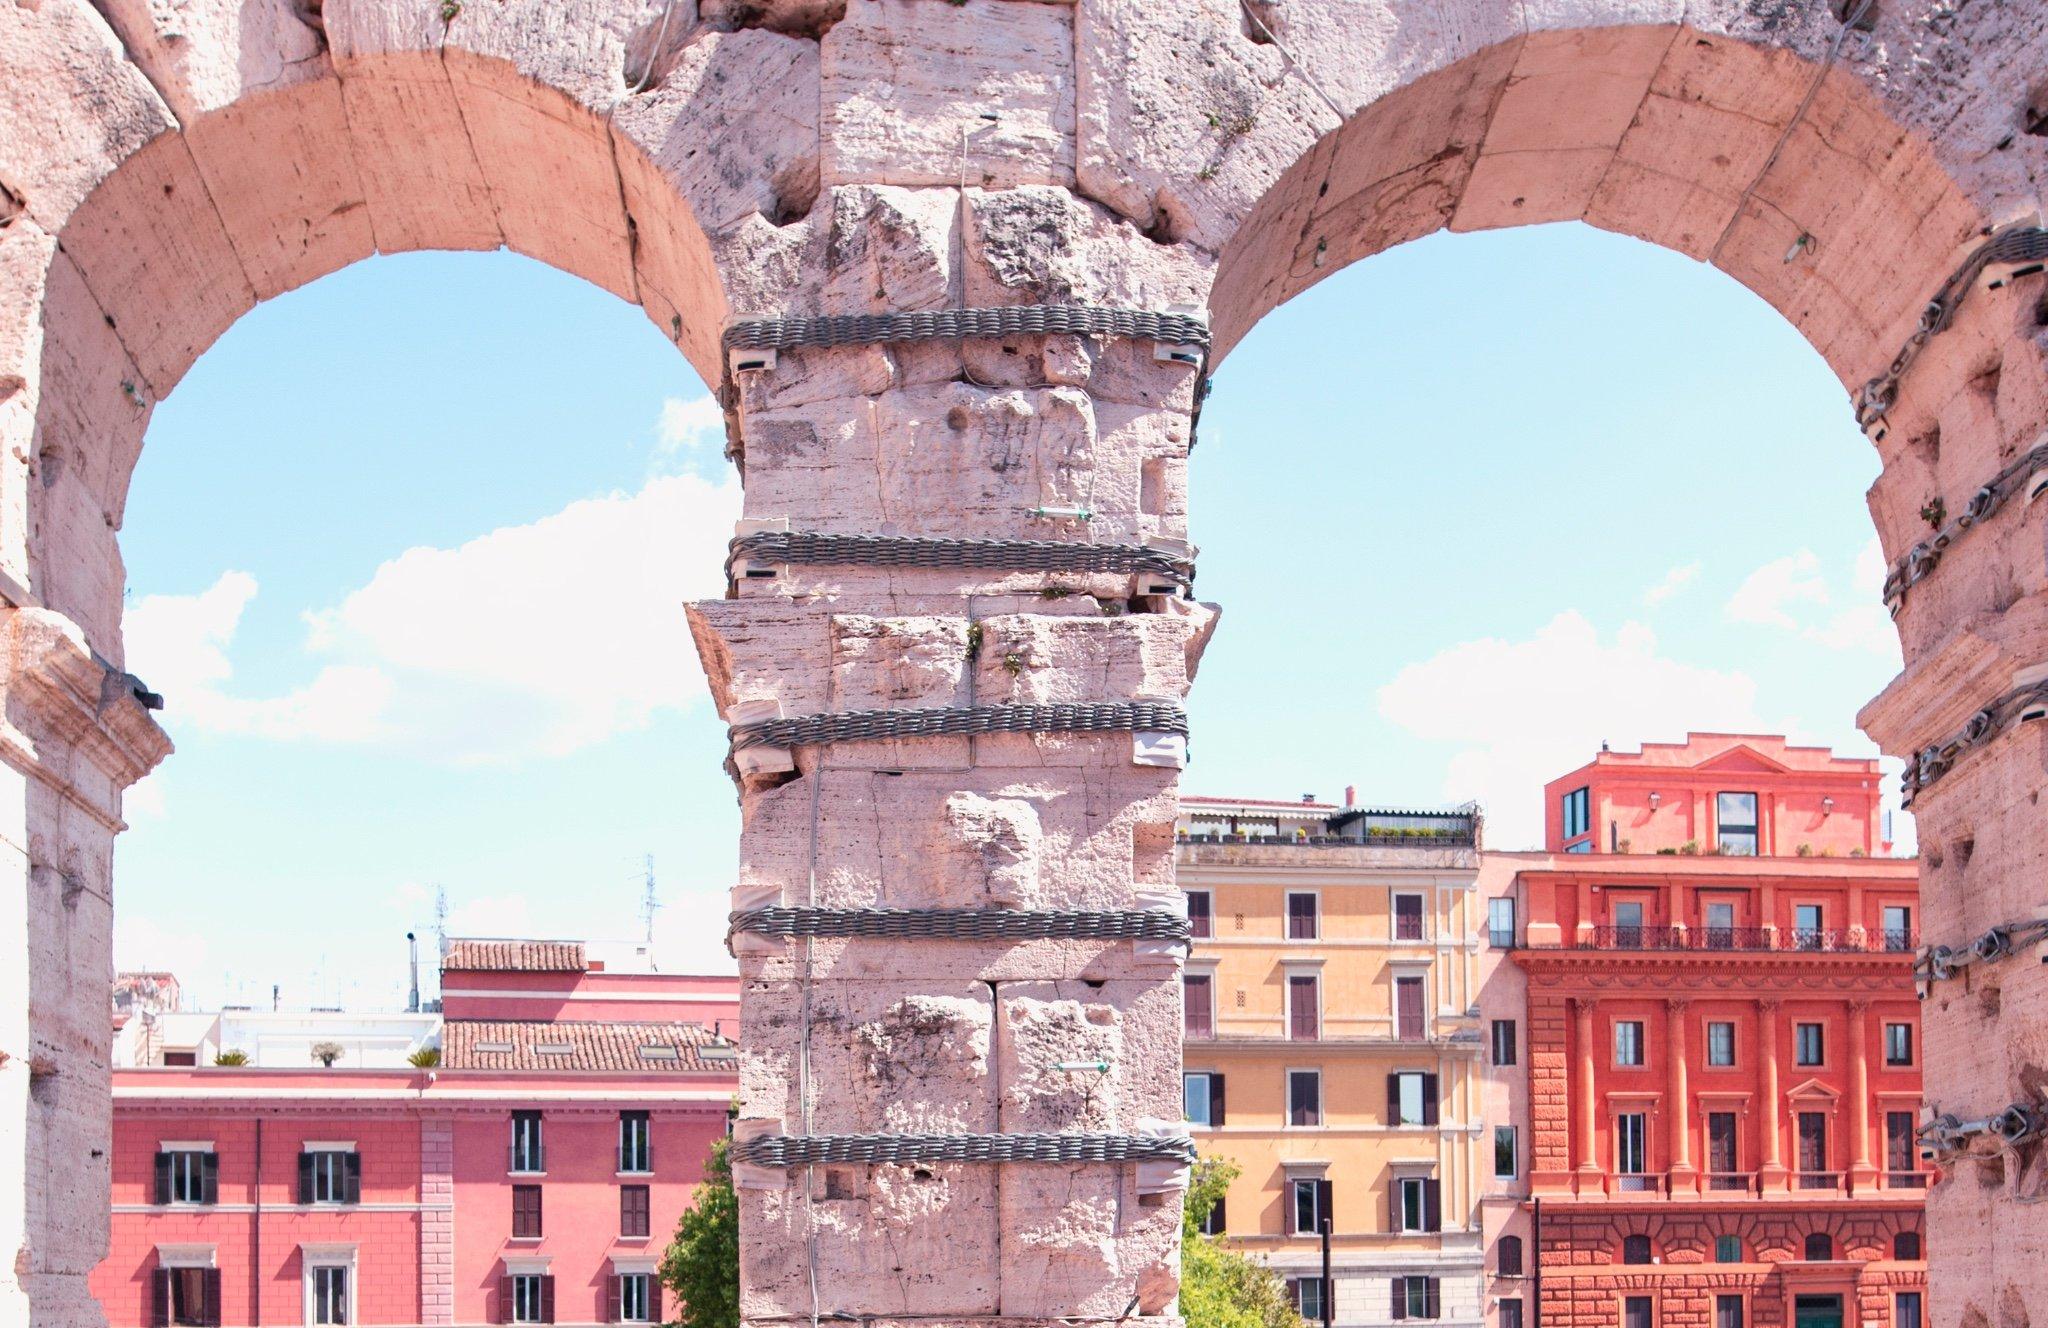 欧洲初见--行摄意大利罗马、梵蒂冈城-罗马旅游恶灵附身2通关后新游戏是什么意思图片